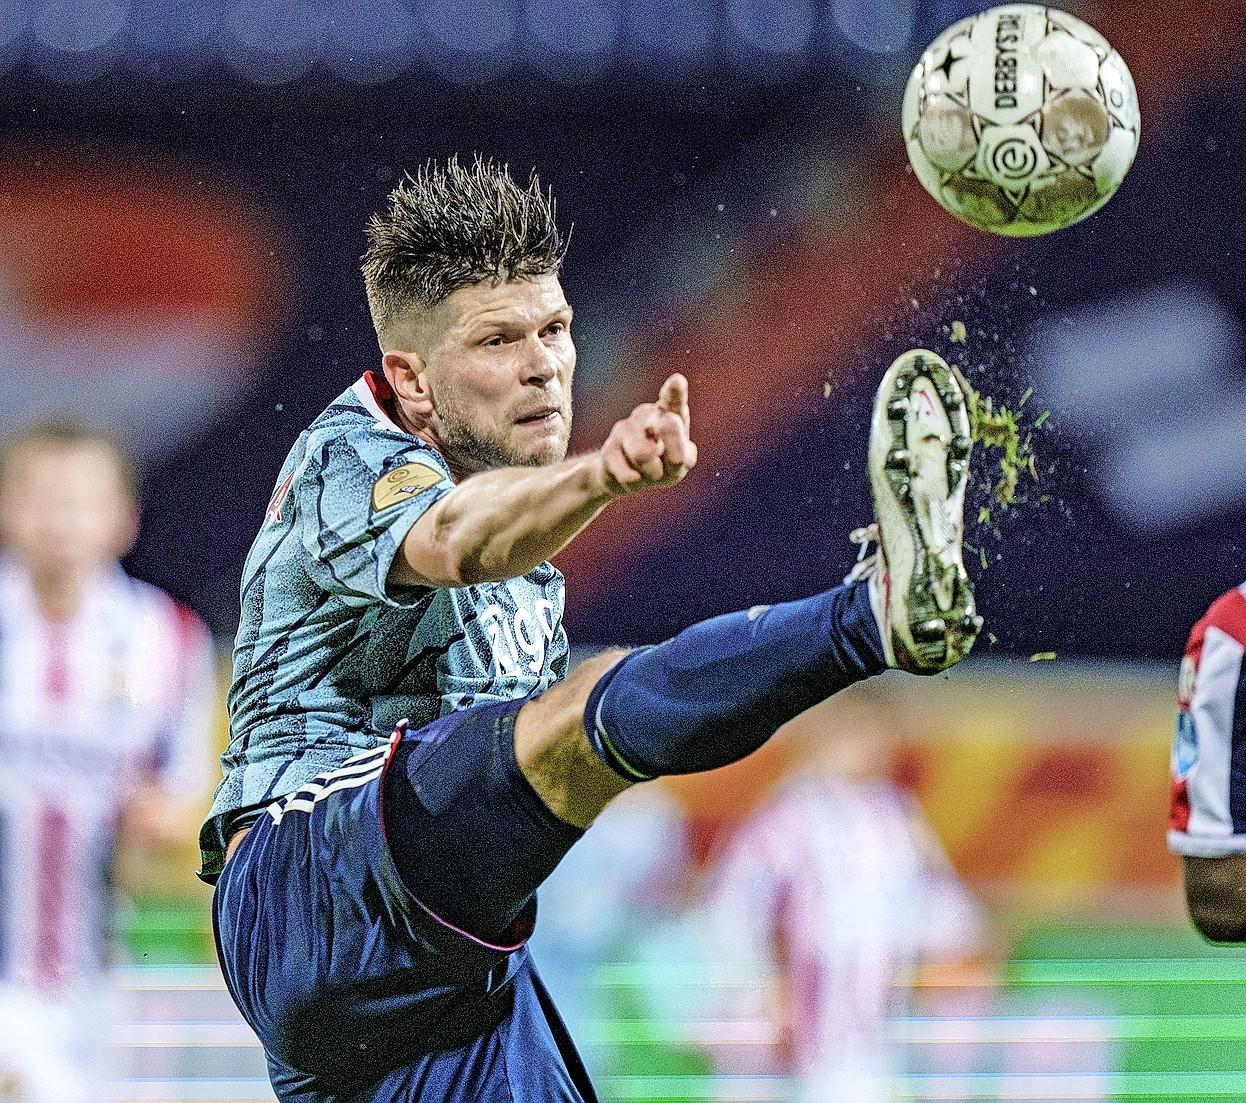 Zorgen voor Ten Hag als Huntelaar vertrekt. Trainer Ajax houdt met Haller nog maar een onomstreden aanvaller over